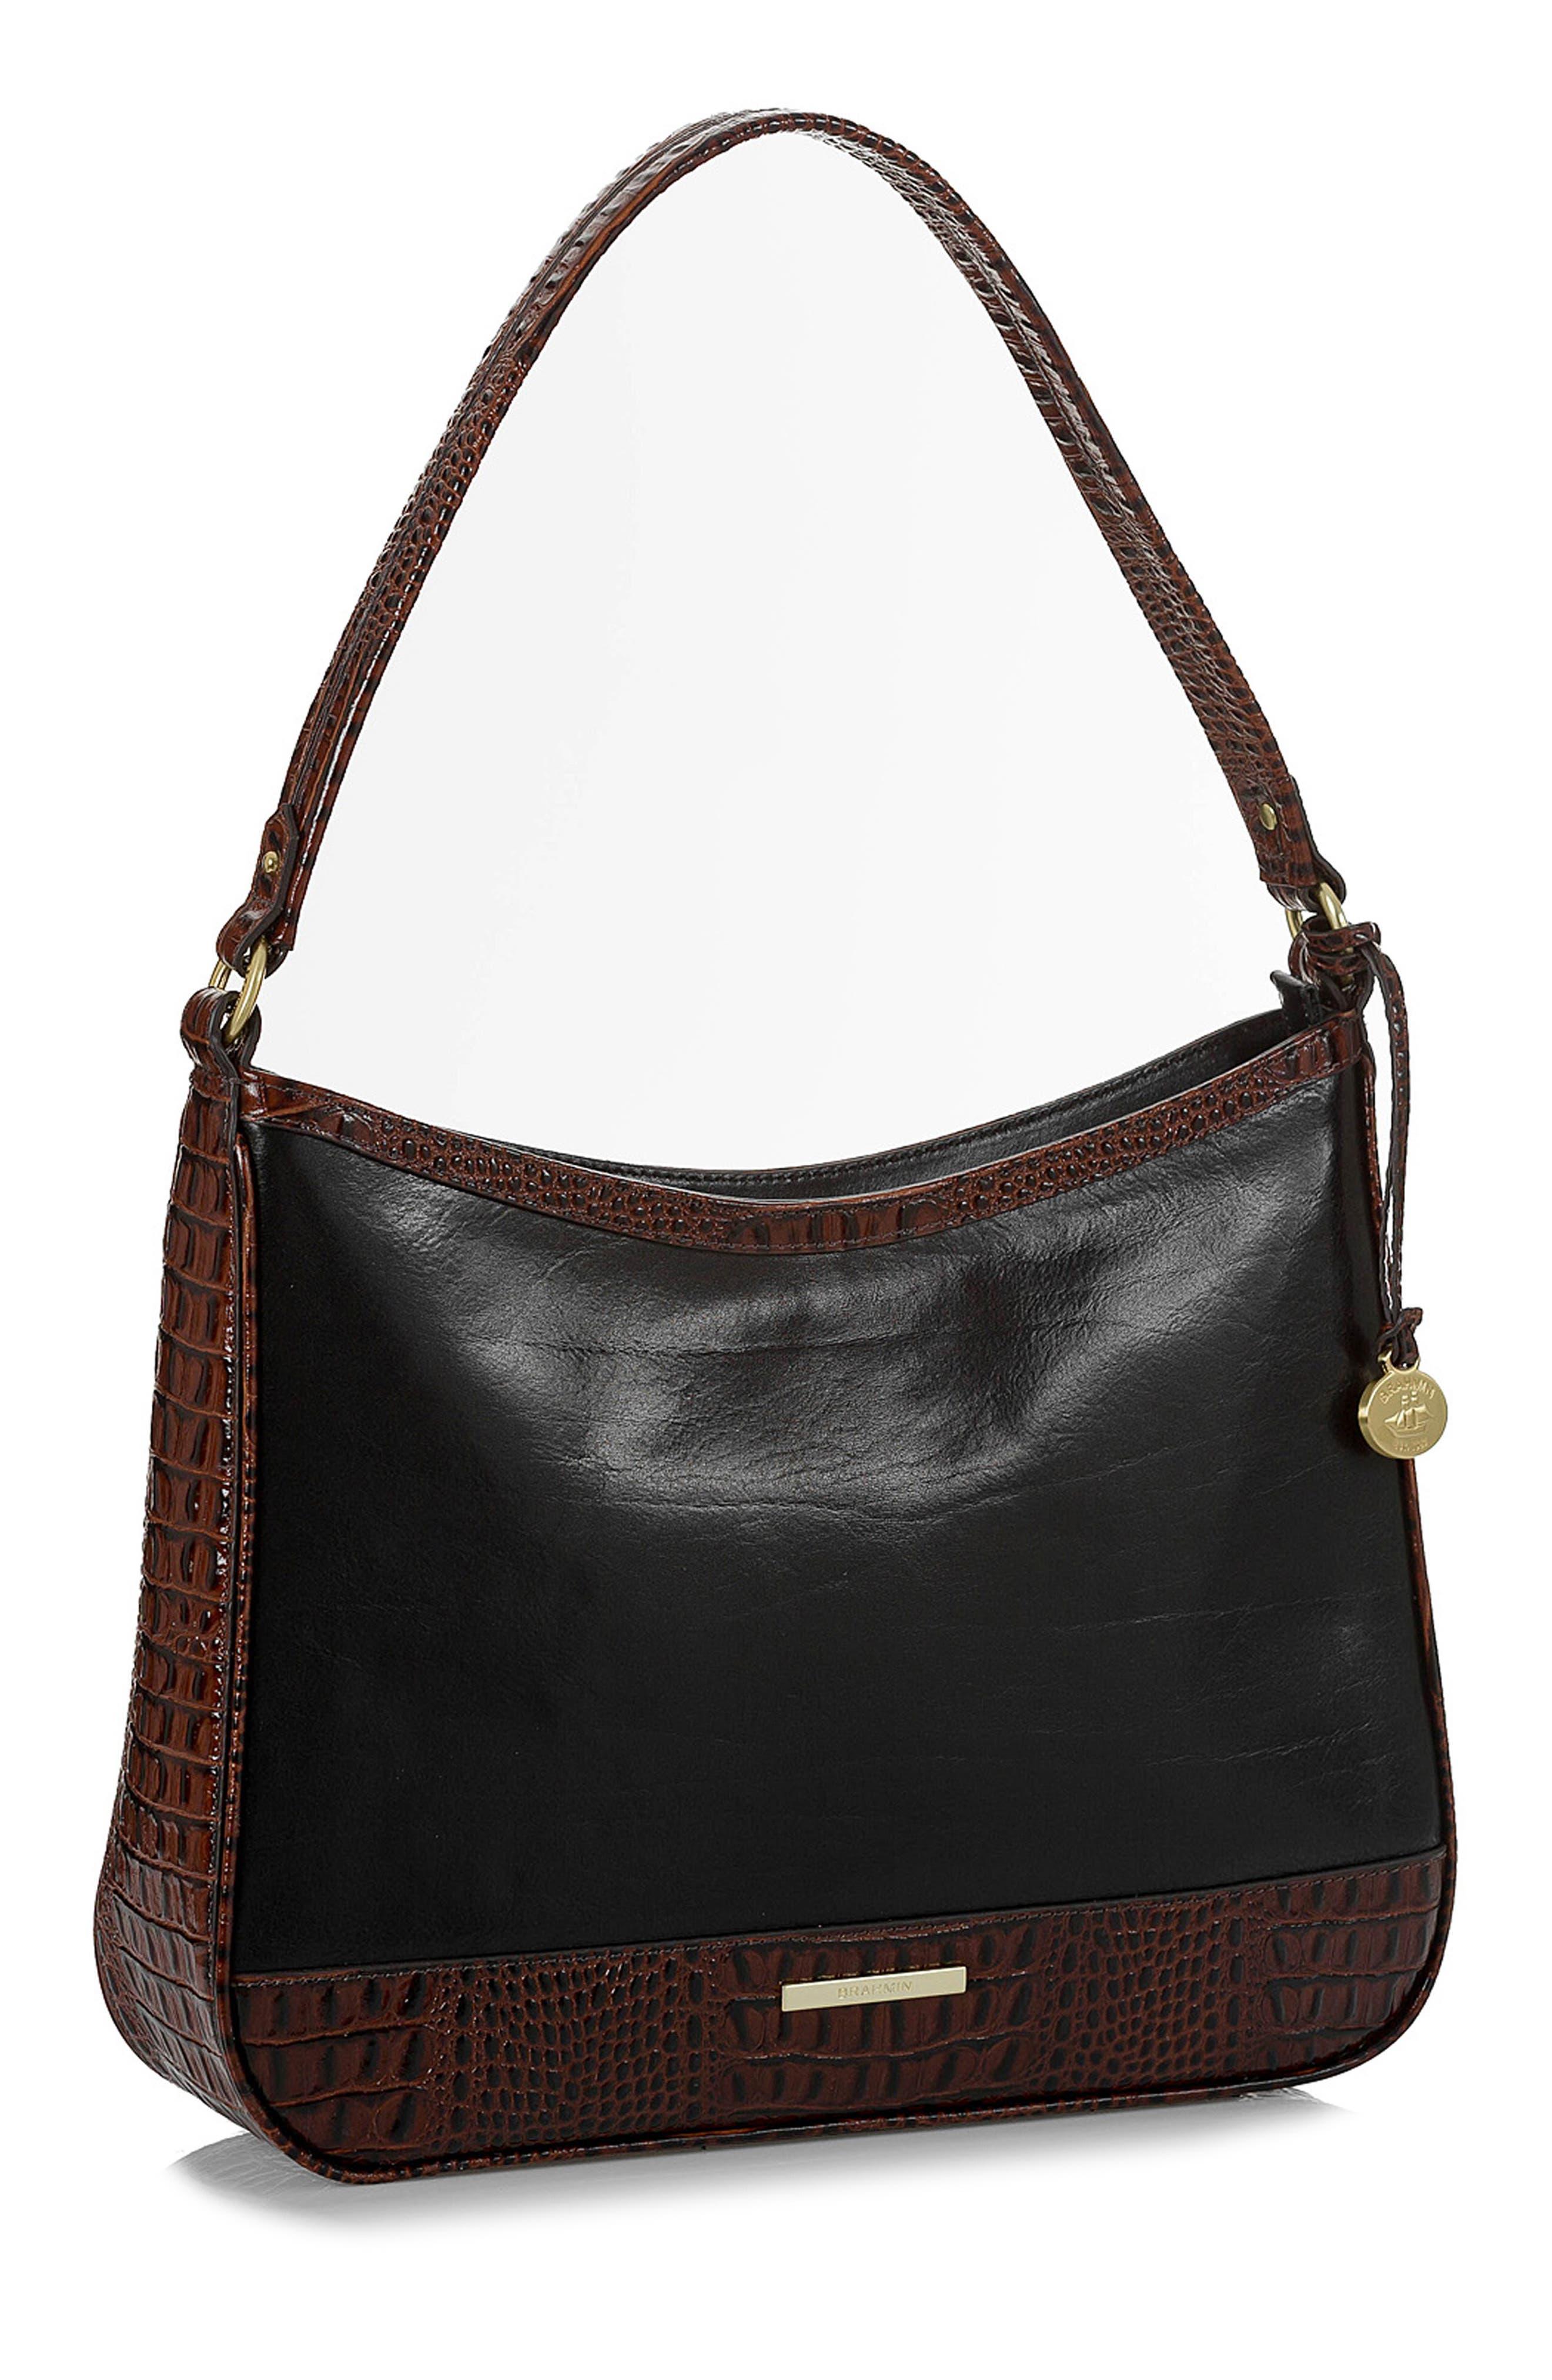 Noelle Leather Hobo Bag,                             Alternate thumbnail 3, color,                             Black